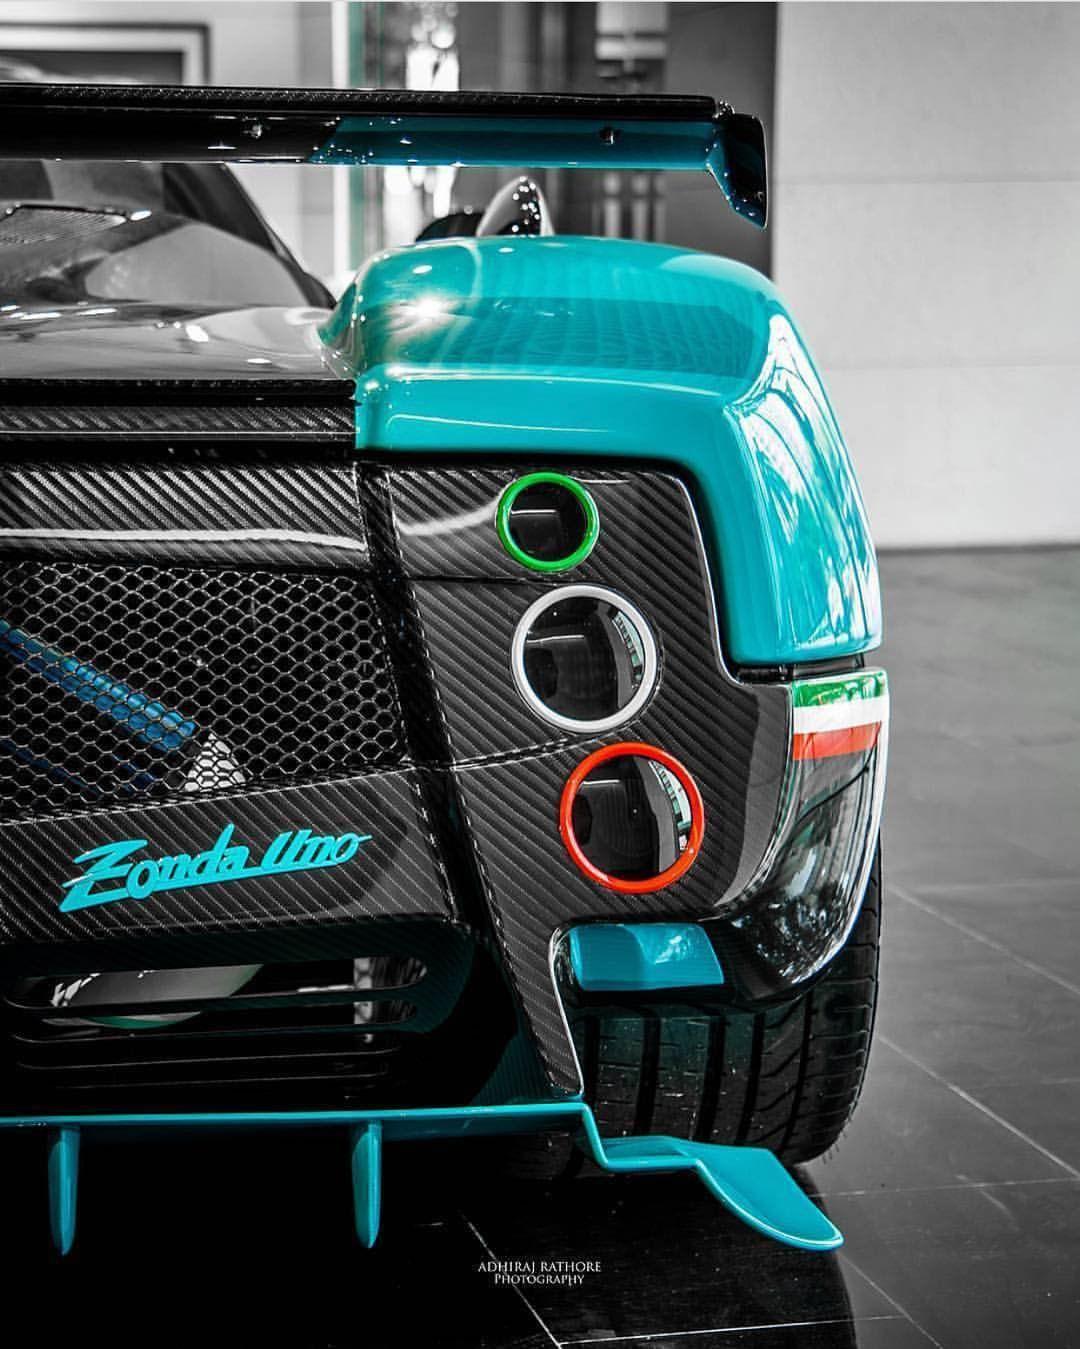 Zonda Uno By Supercarsofhongkong At Pagani Automobili S P A